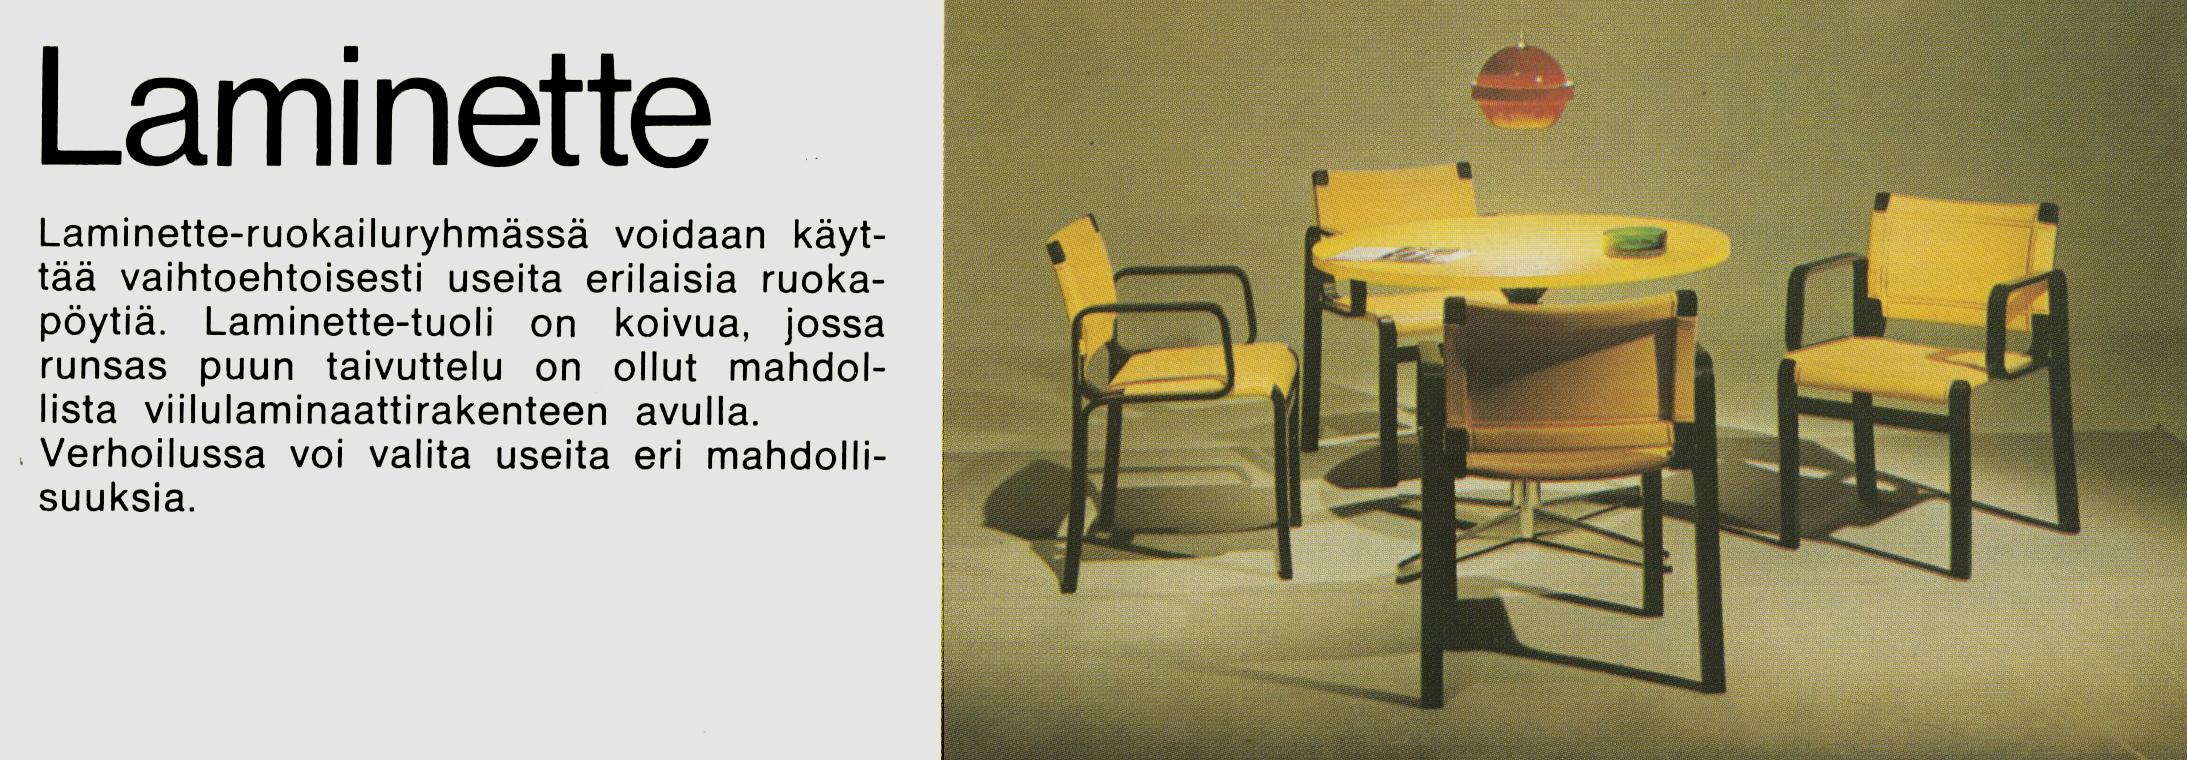 Tuoli Laminette.